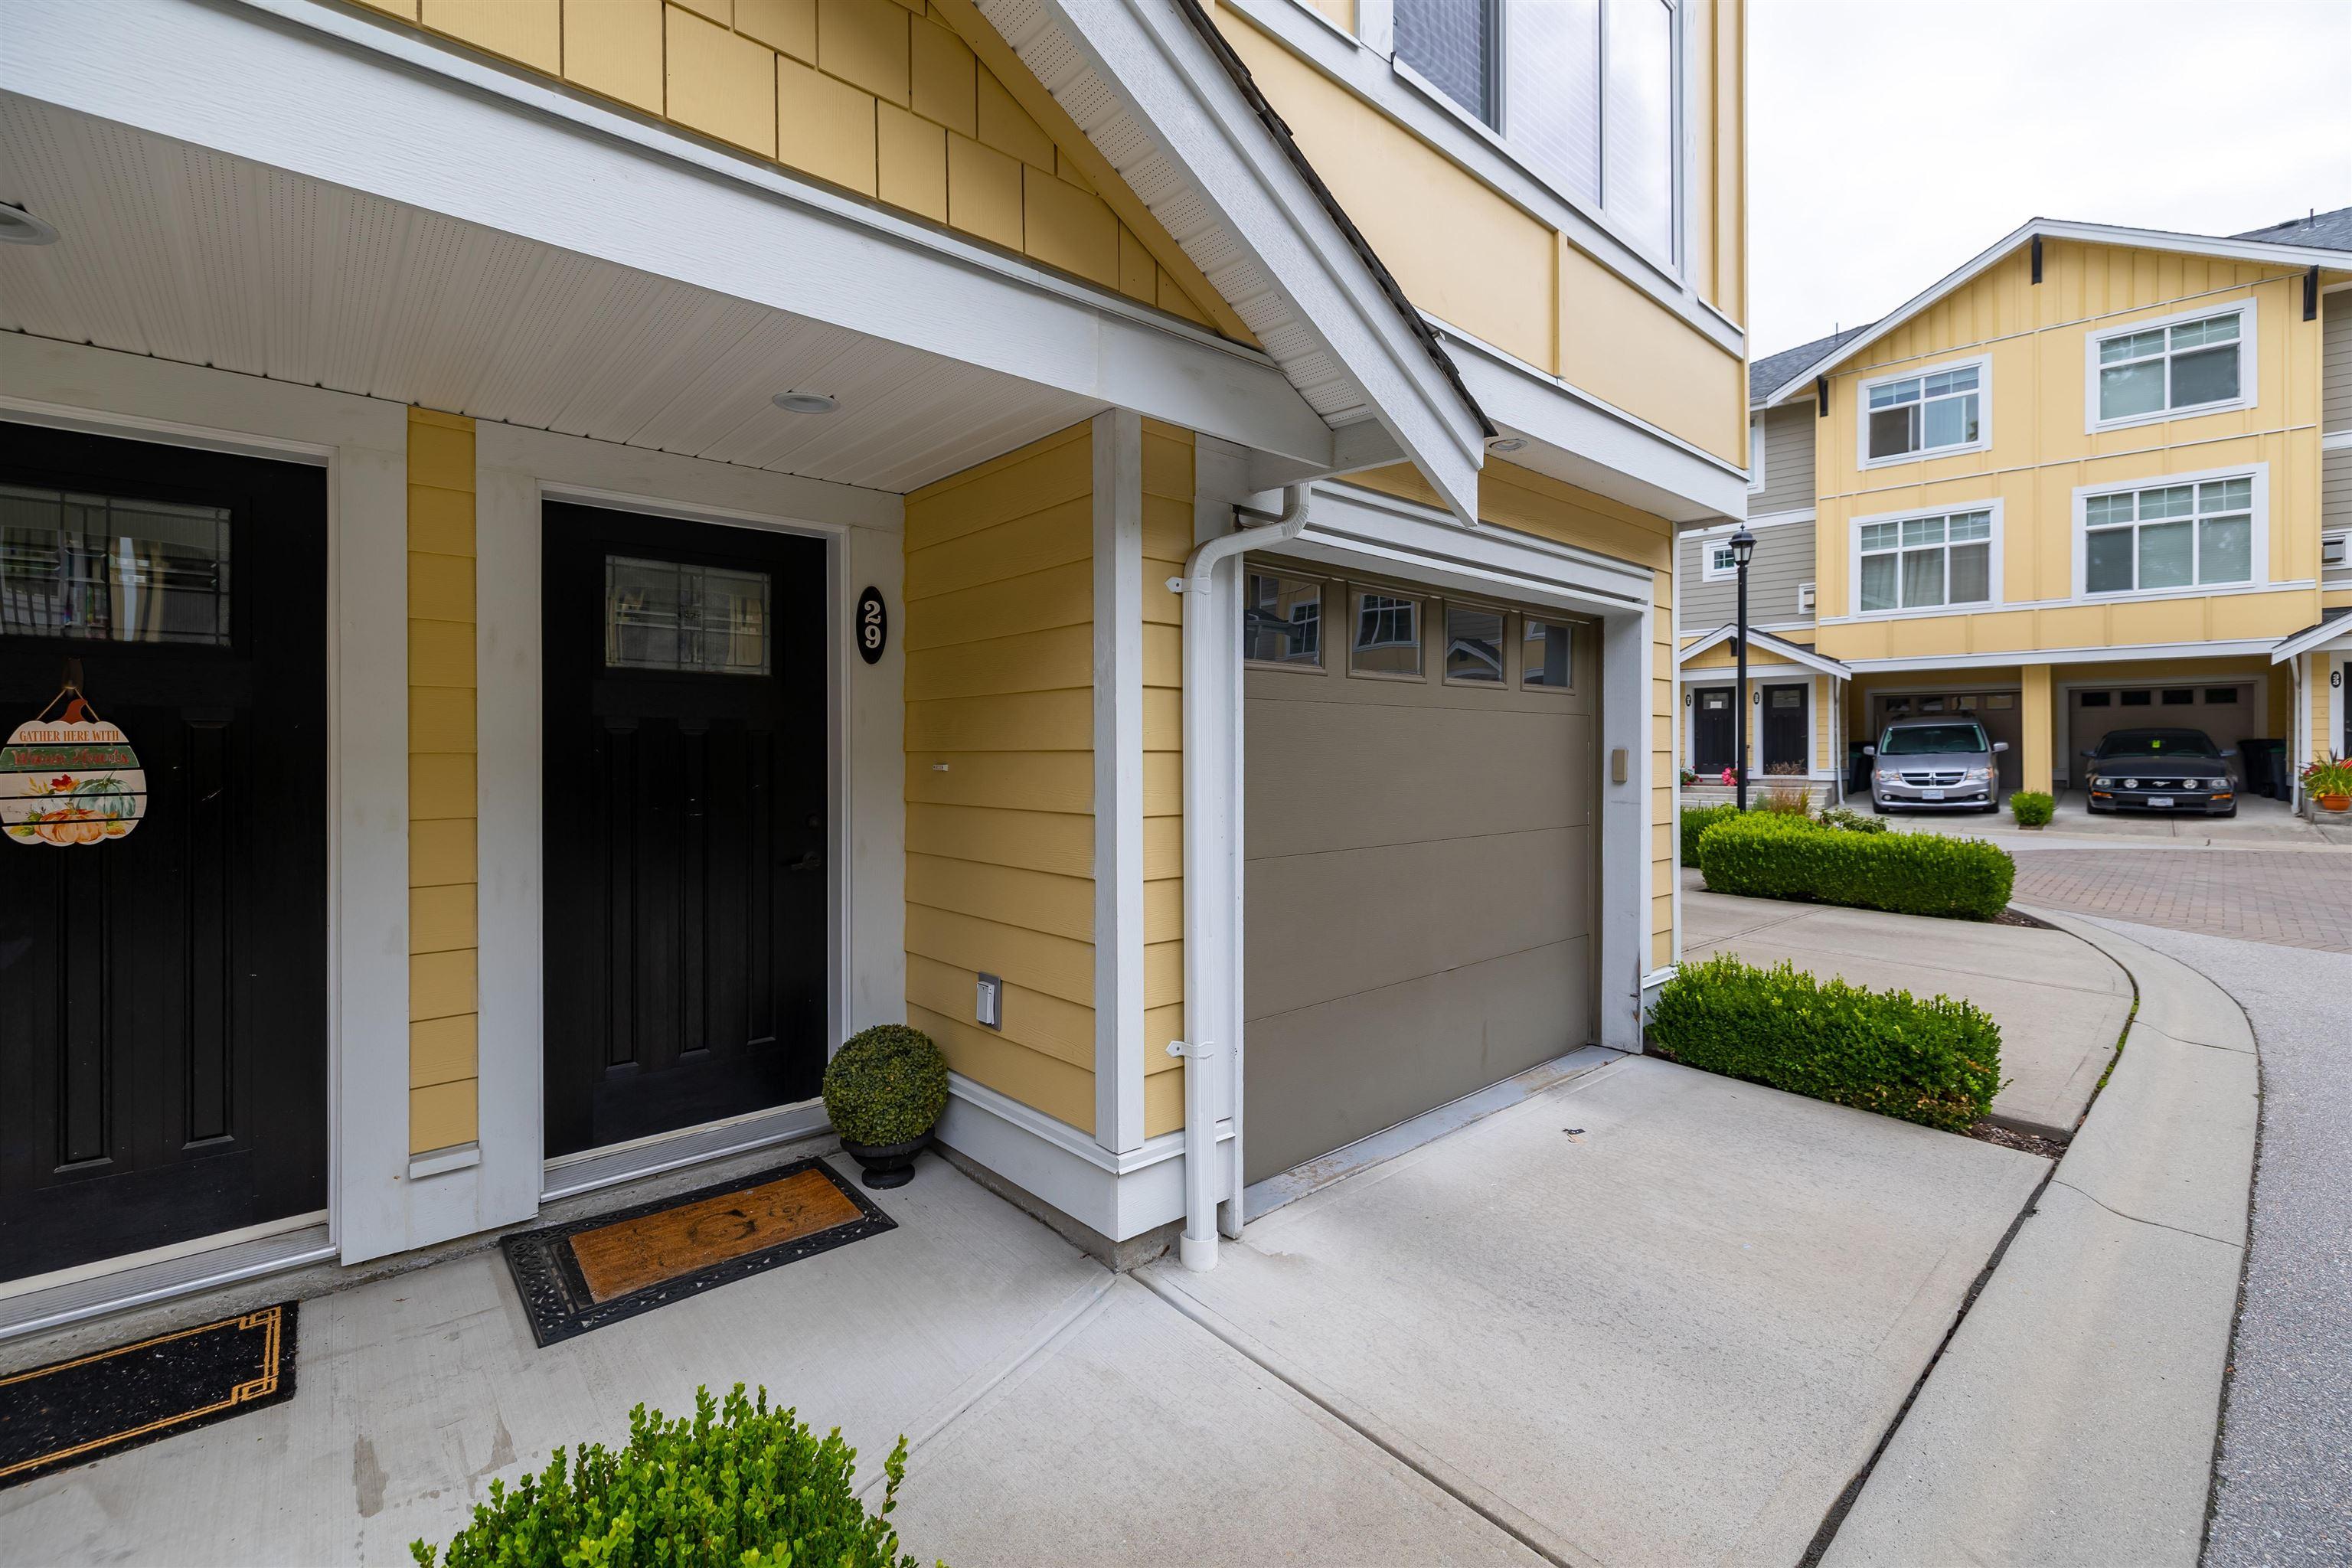 29 17171 2B AVENUE - Pacific Douglas Townhouse for sale, 3 Bedrooms (R2625037) - #3